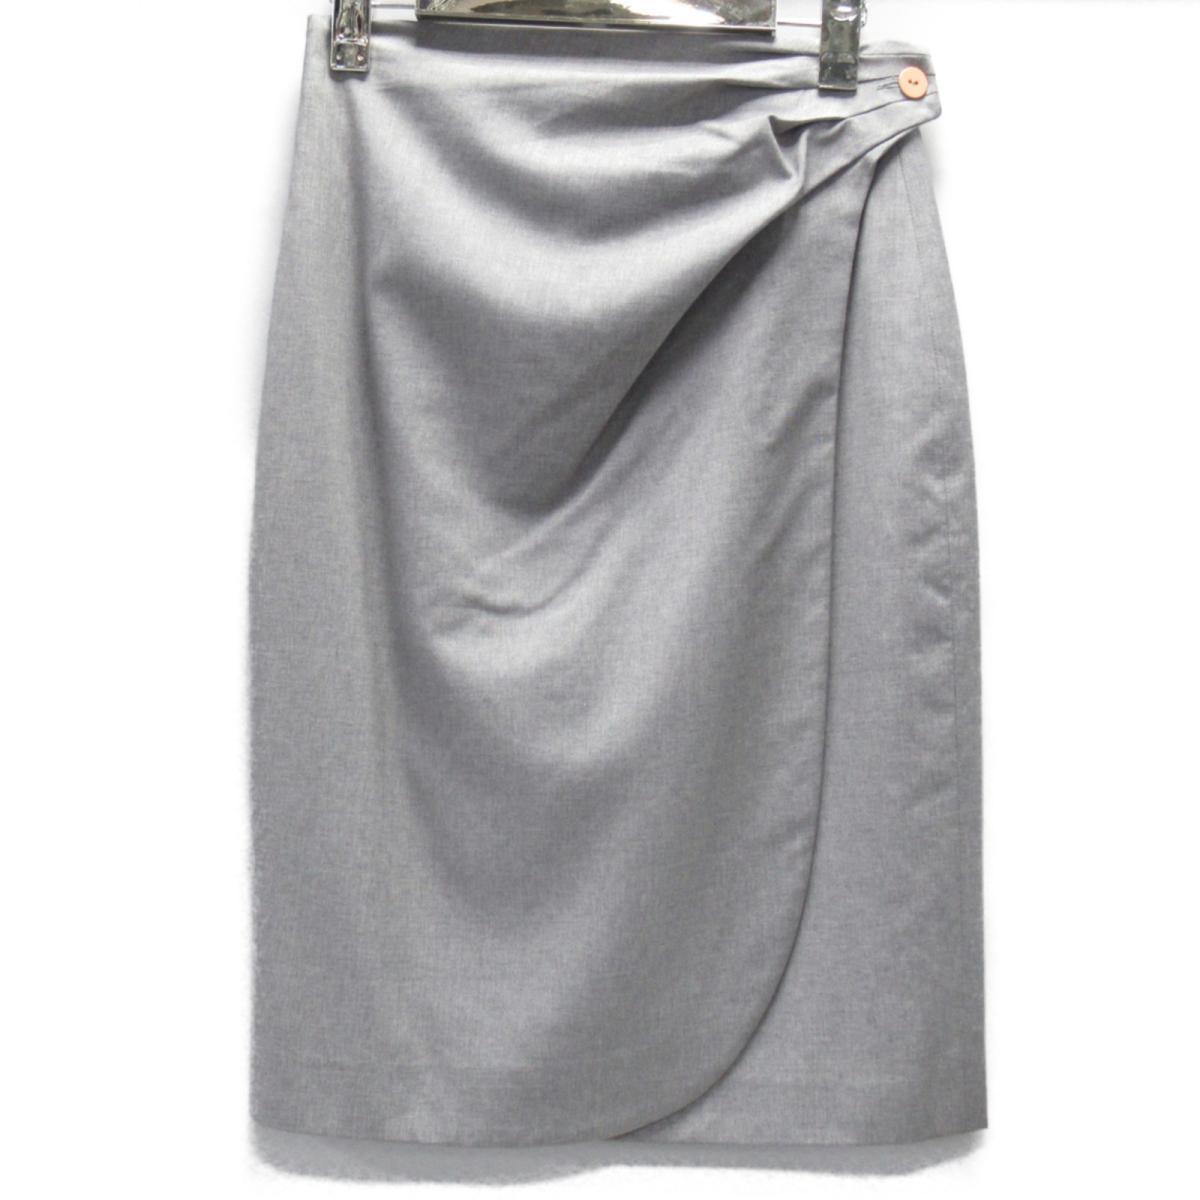 【中古】 フェンディ スカート レディース ウール グレー | FENDI BRANDOFF ブランドオフ 衣料品 衣類 ブランド ボトムス